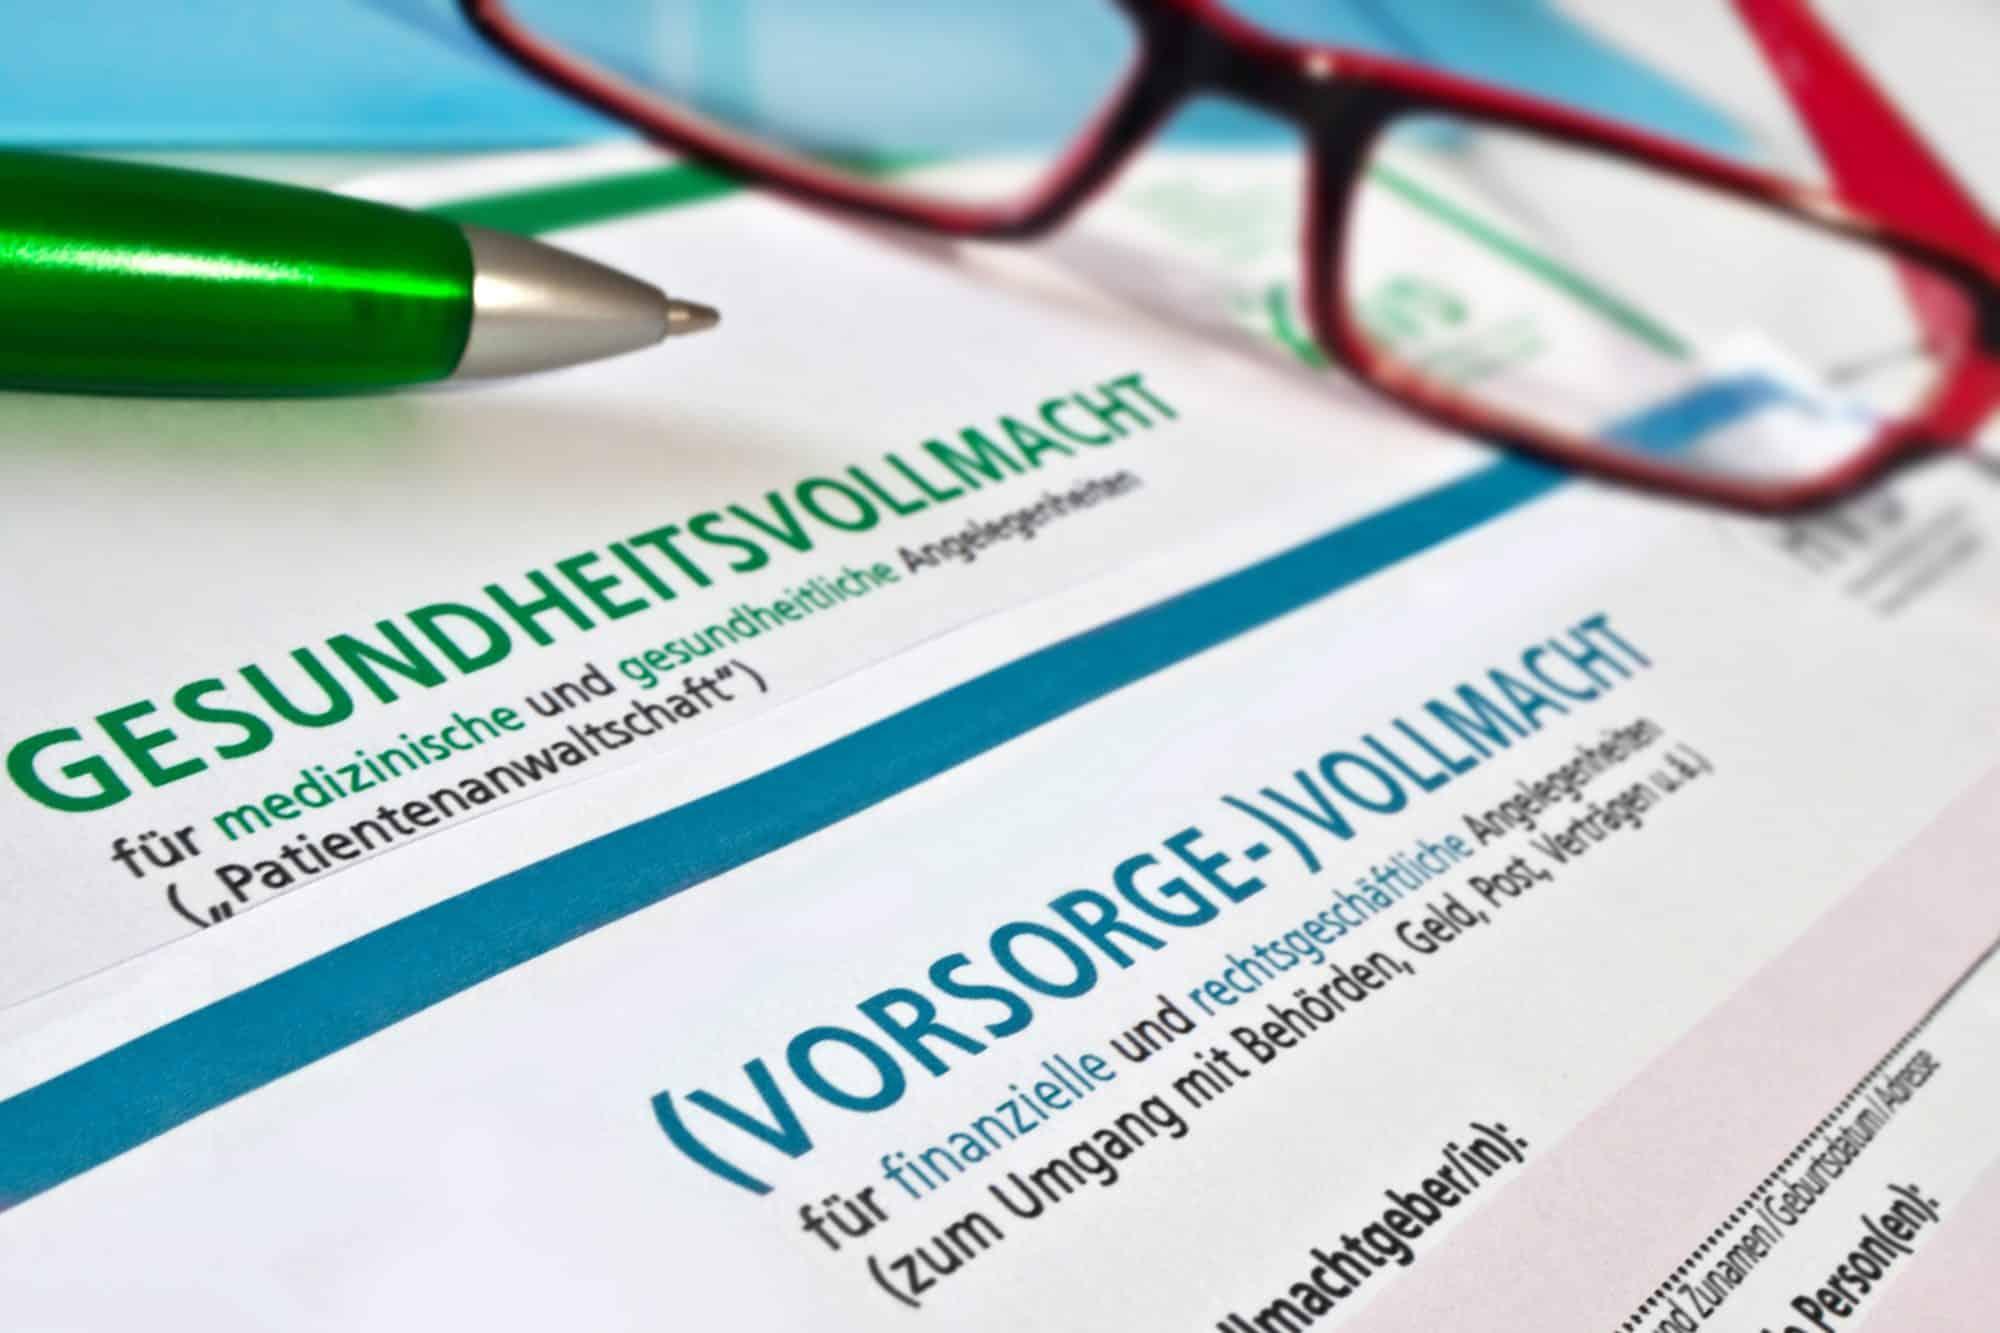 Mit Vorsorgevollmacht und Patientenverfügung früh persönliche Handlungsfreiheit sichern